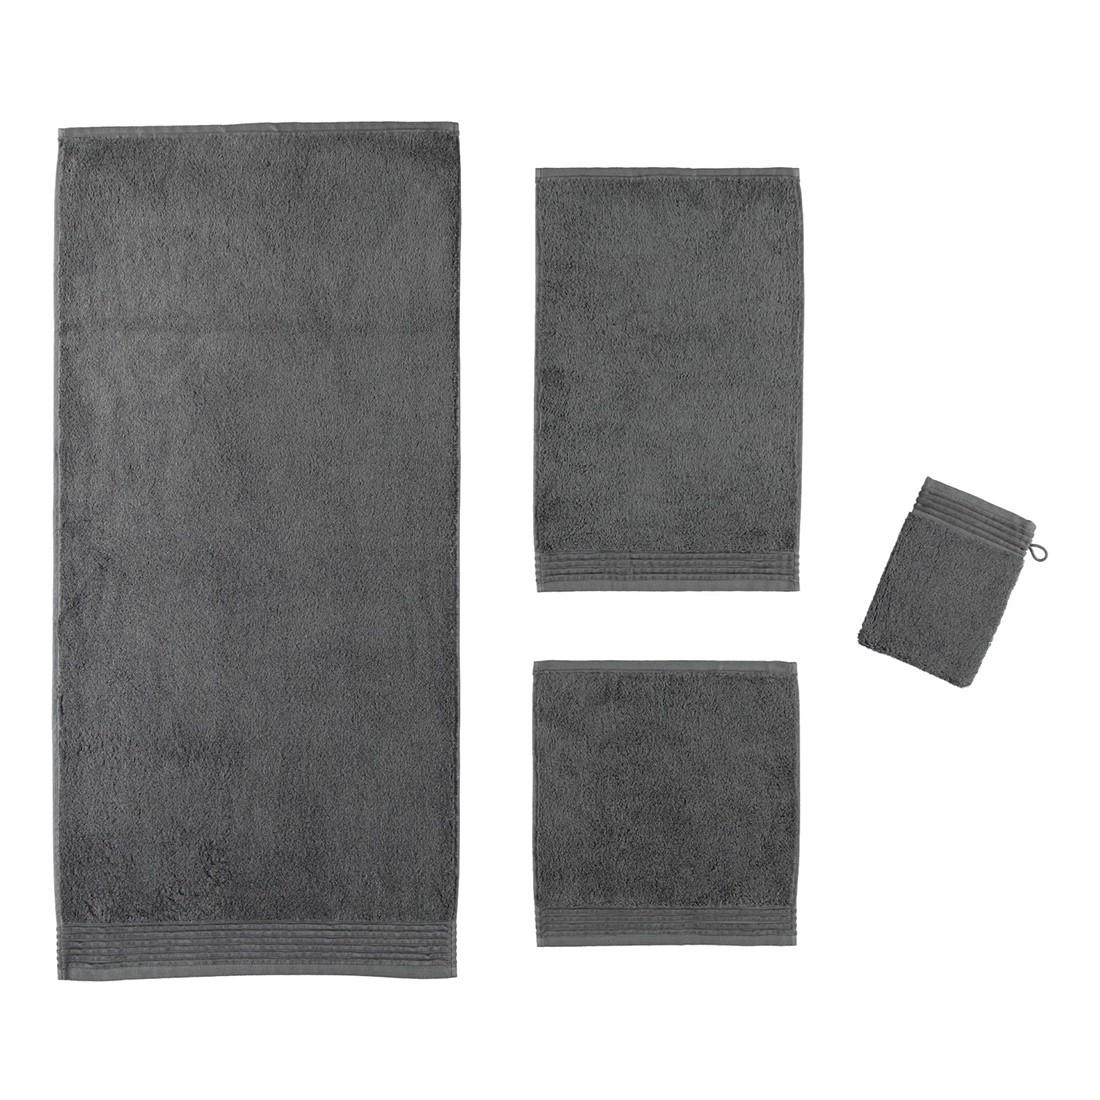 Handtuch LOFT – 100% Baumwolle graphit – 843 – Gästetuch: 30 x 50 cm, Möve günstig bestellen